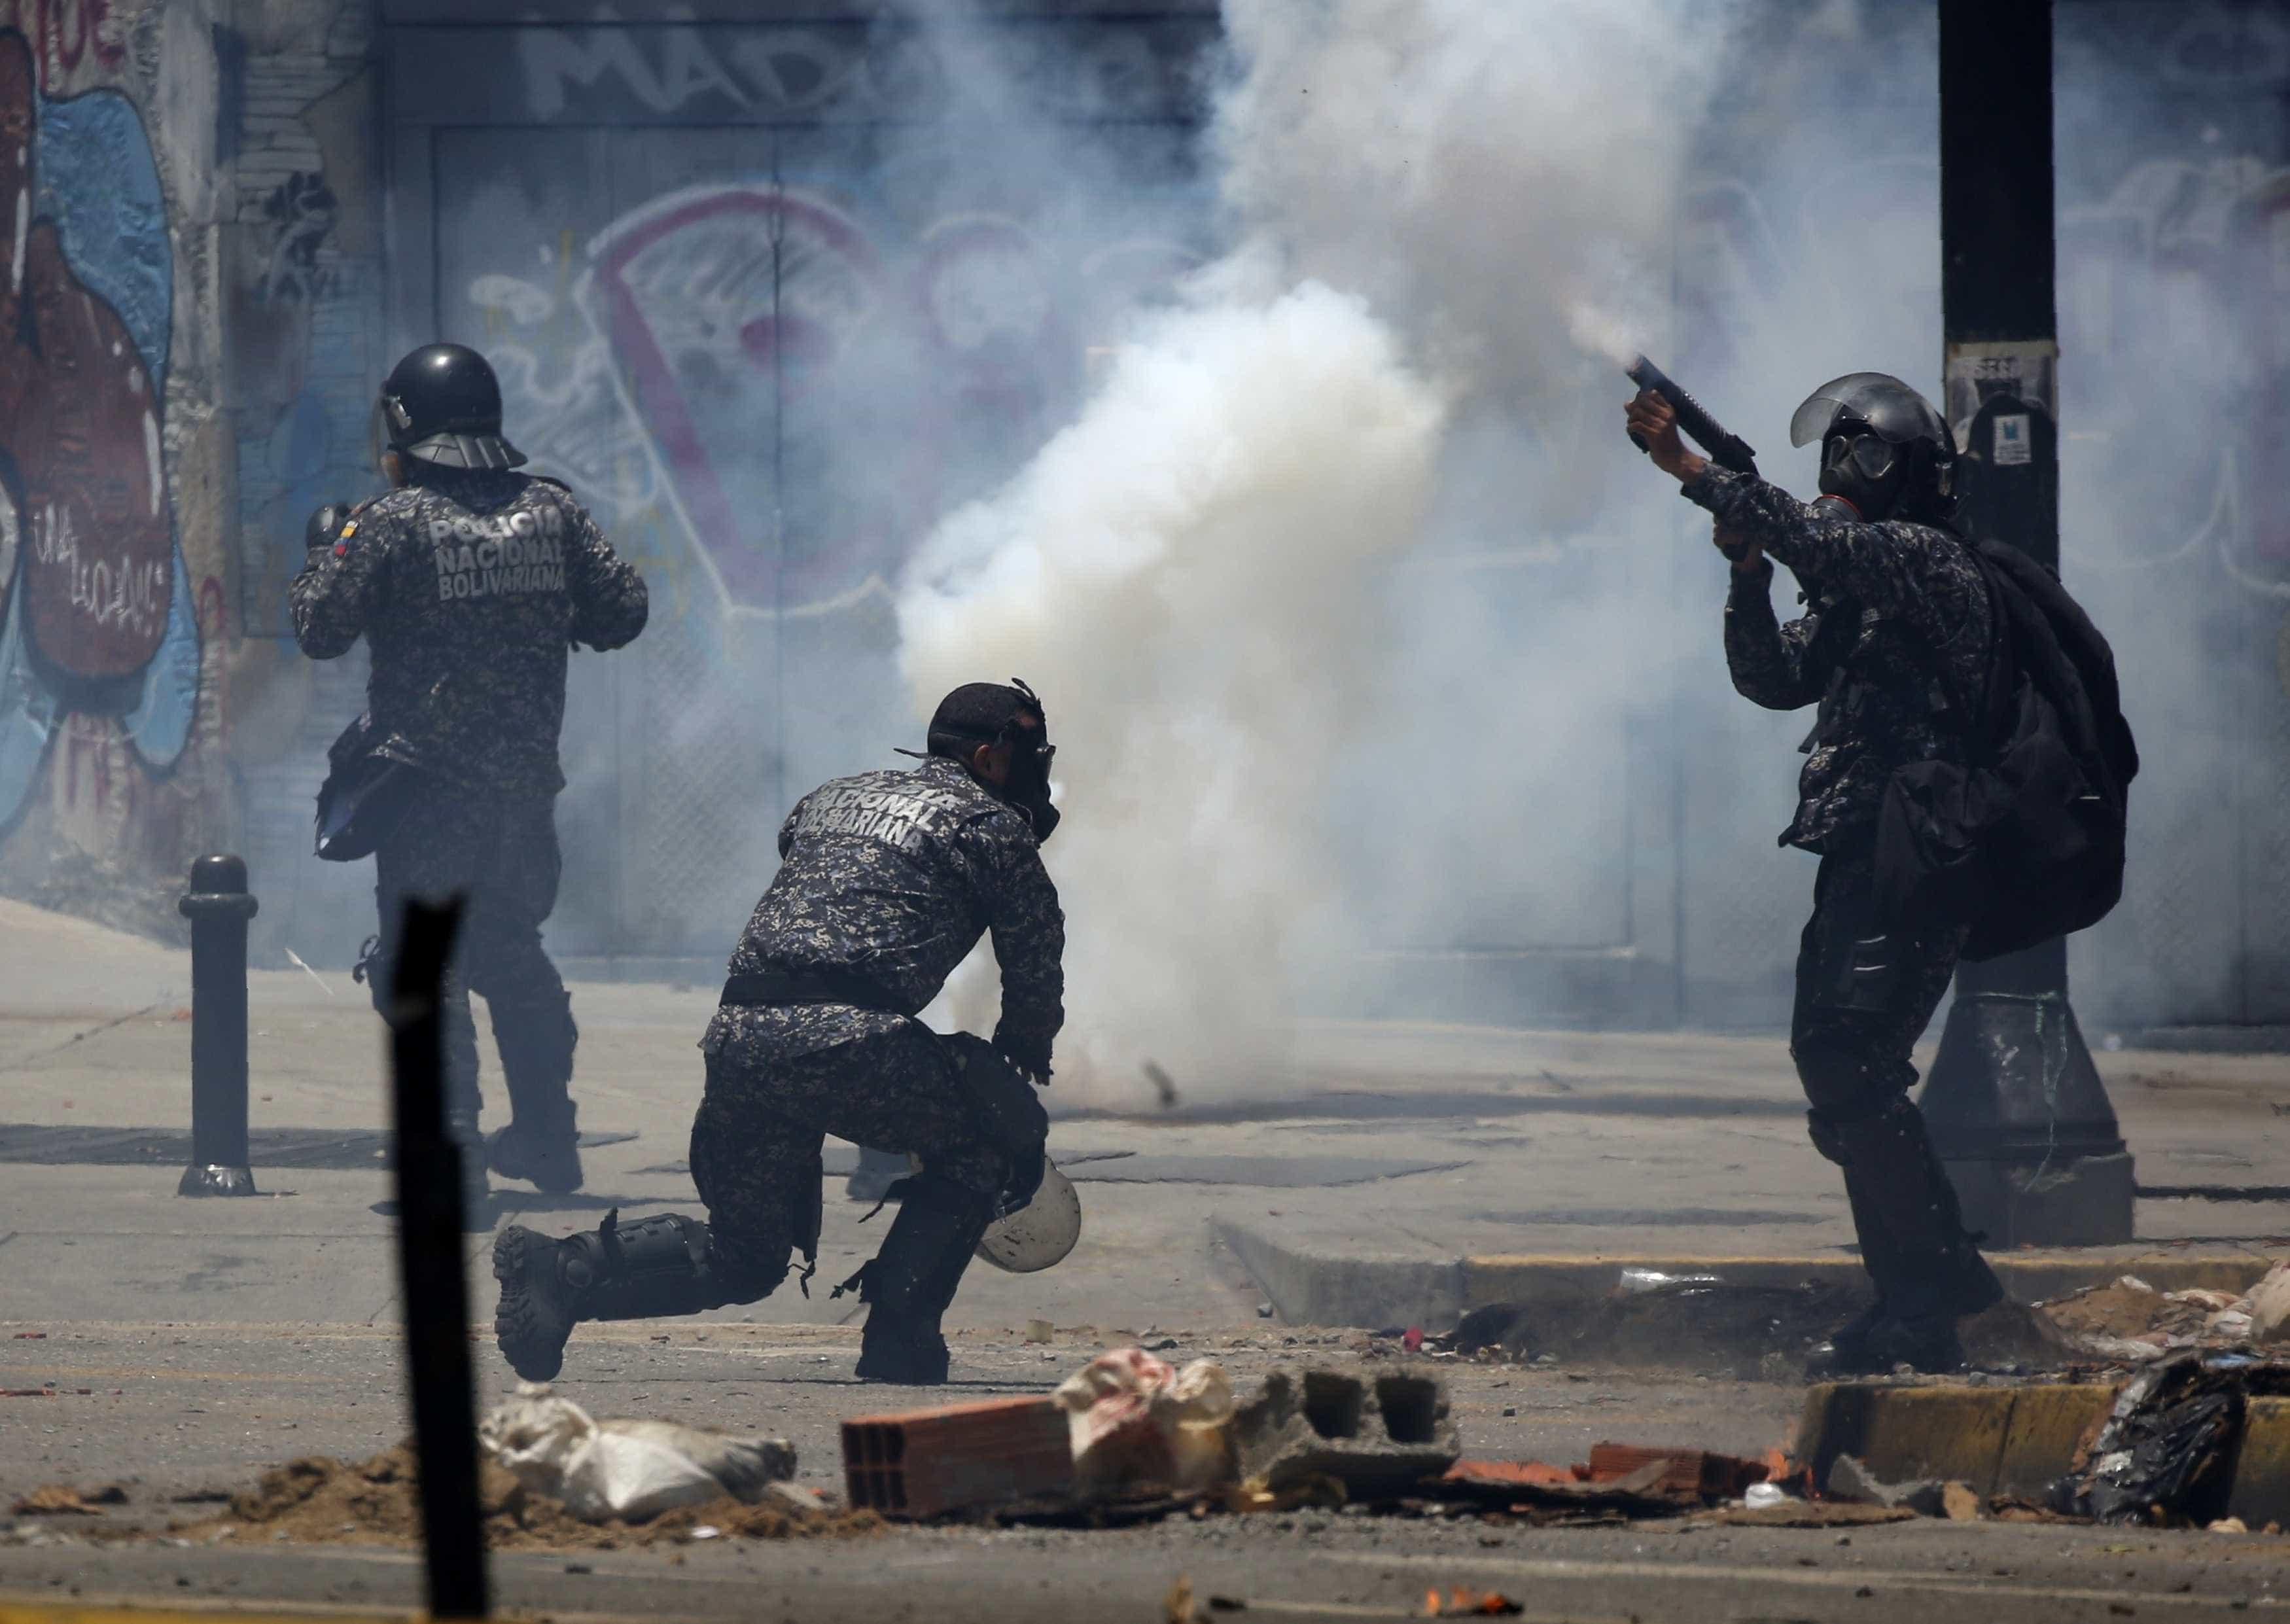 Polícia dispersa com gás lacrimogéneo marcha do Dia da Mulher